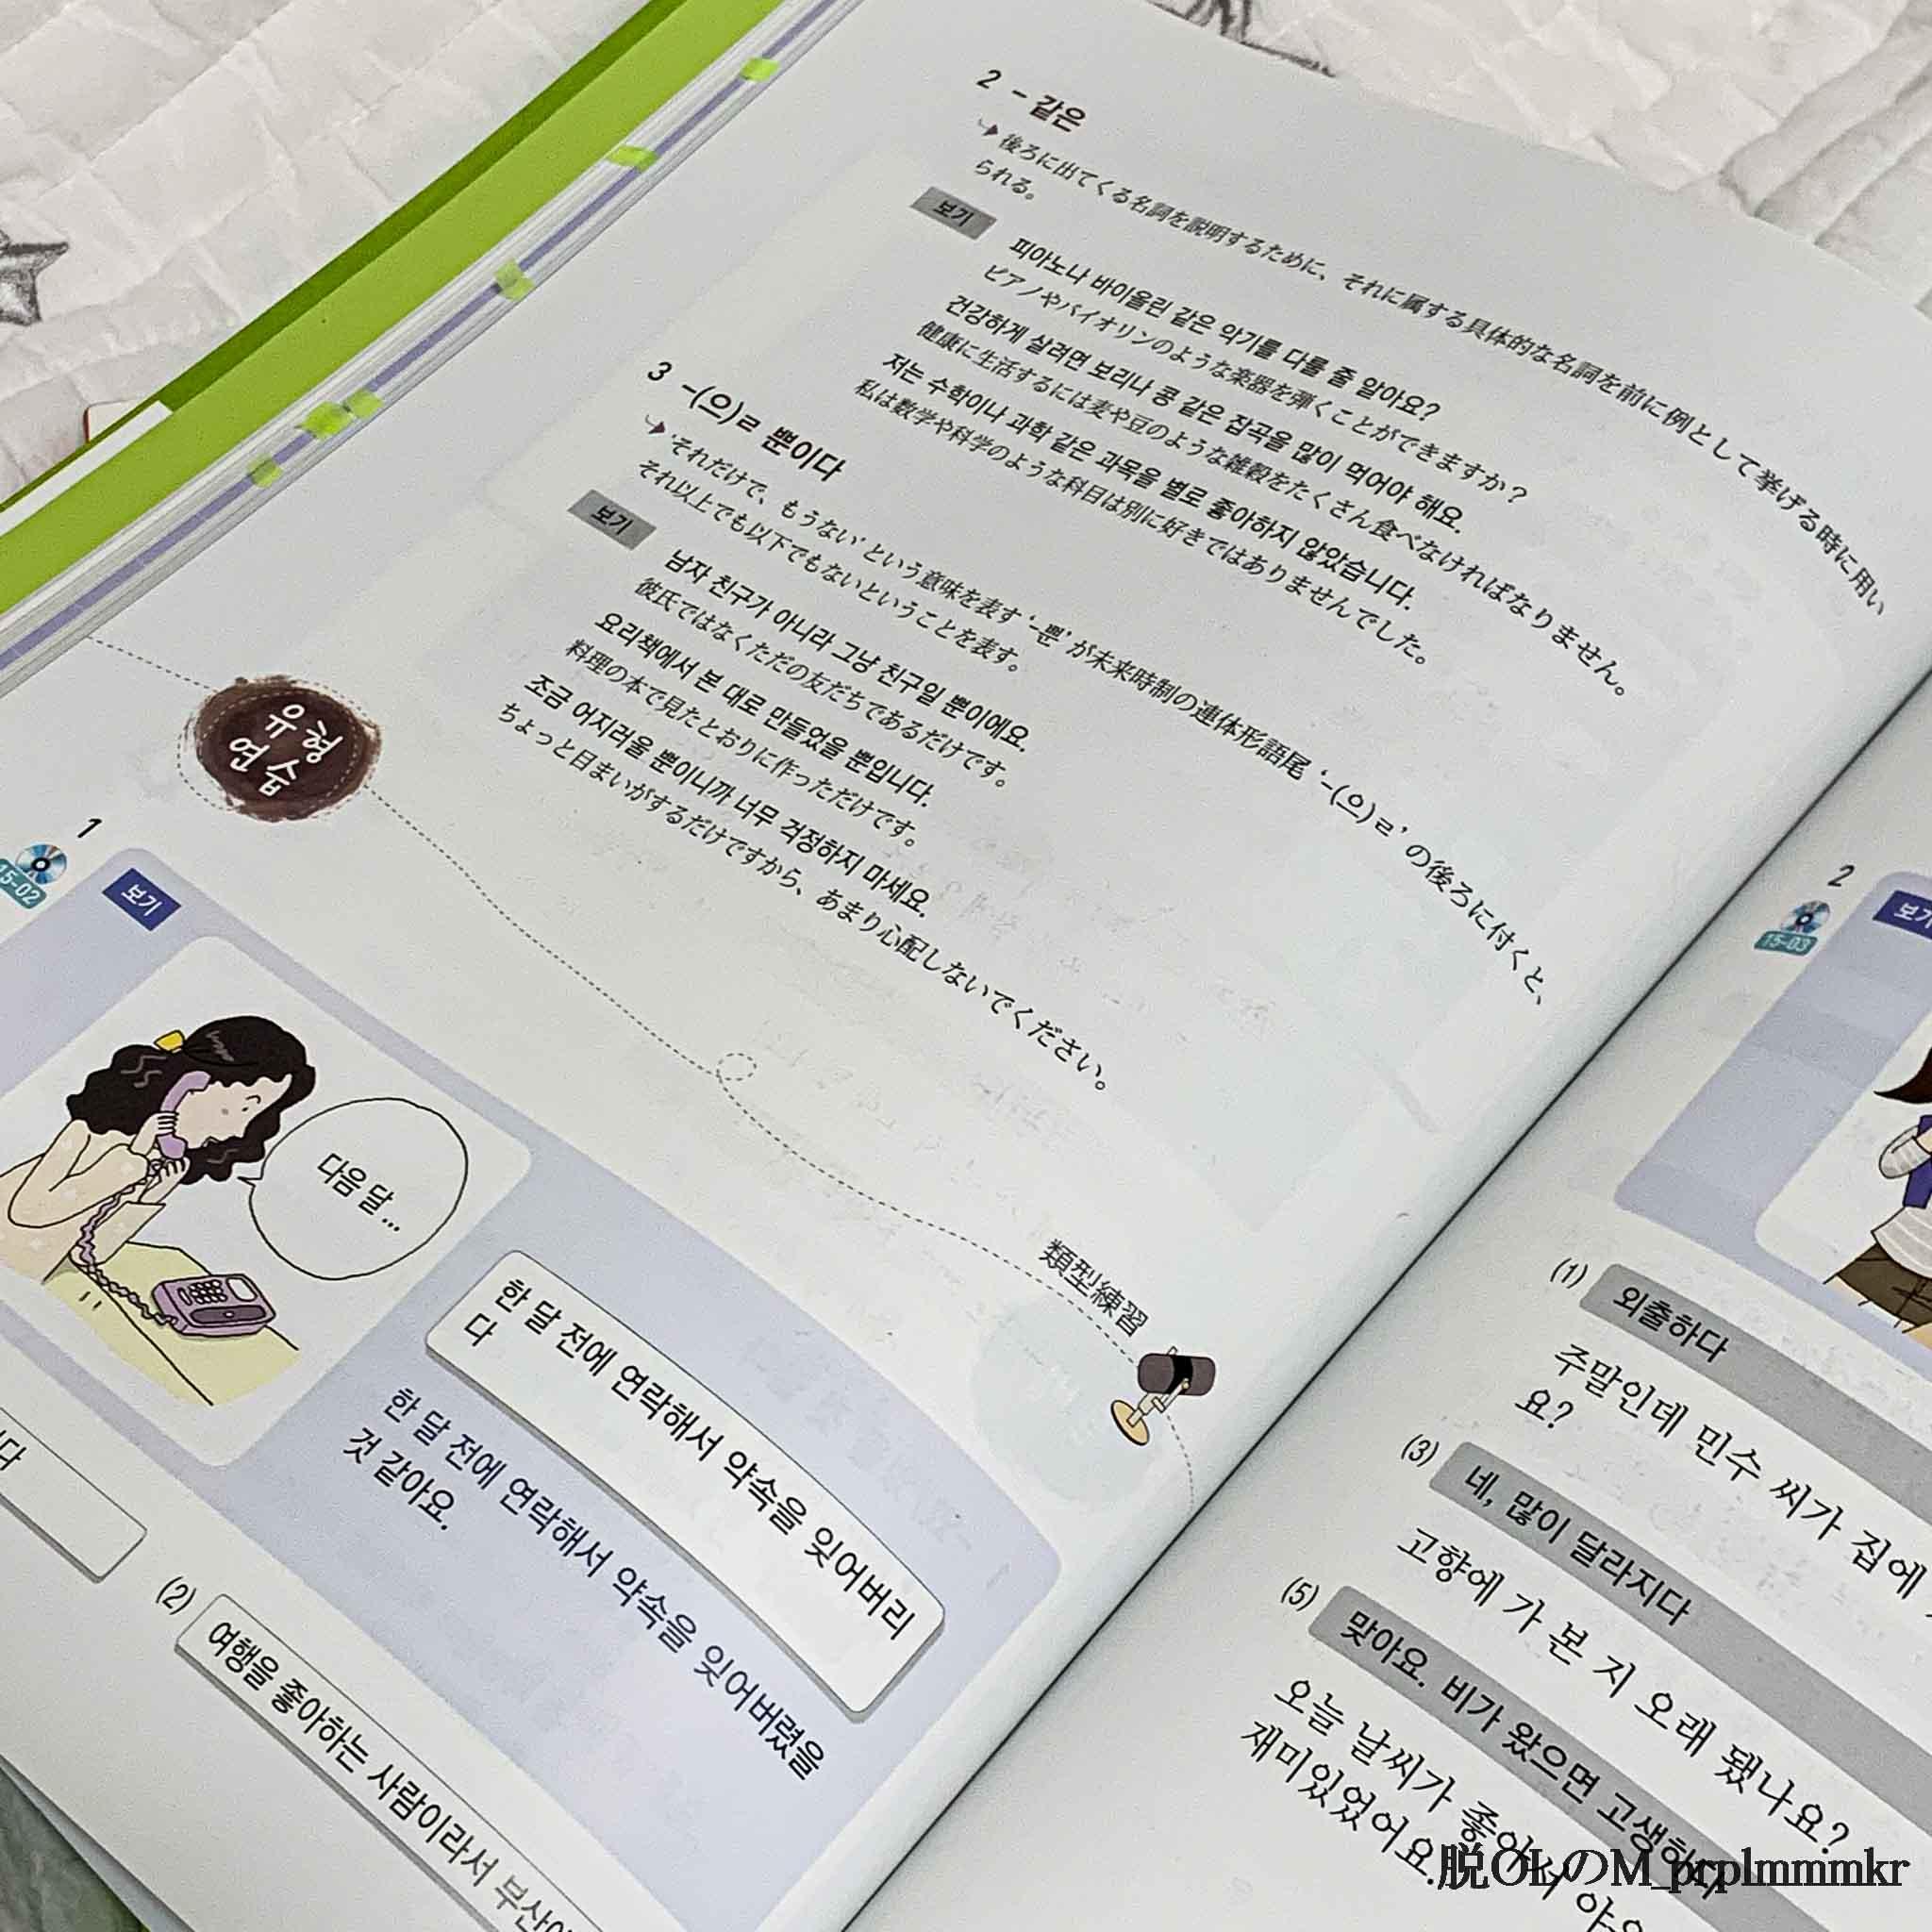 カナタ語学院教科書中身03